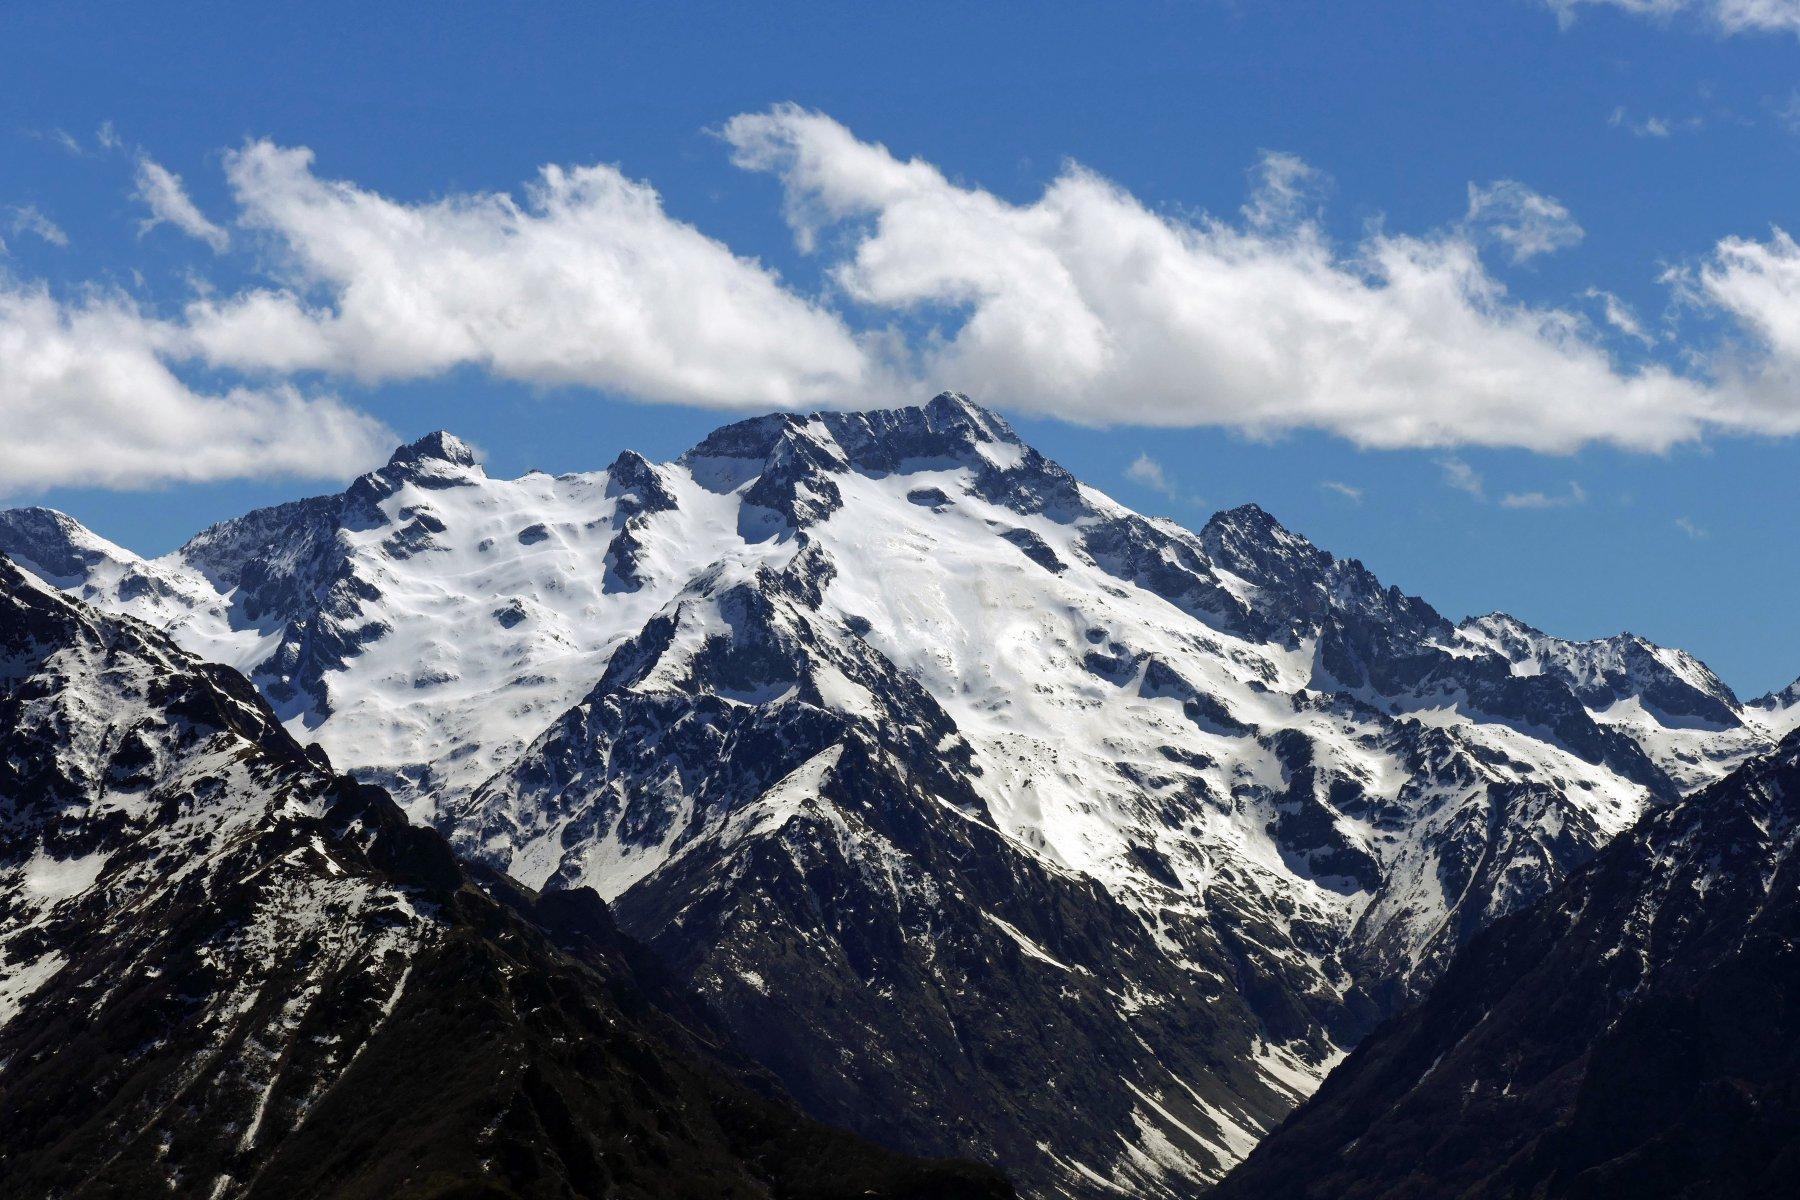 Vista sul glaciale gruppo del Gelas